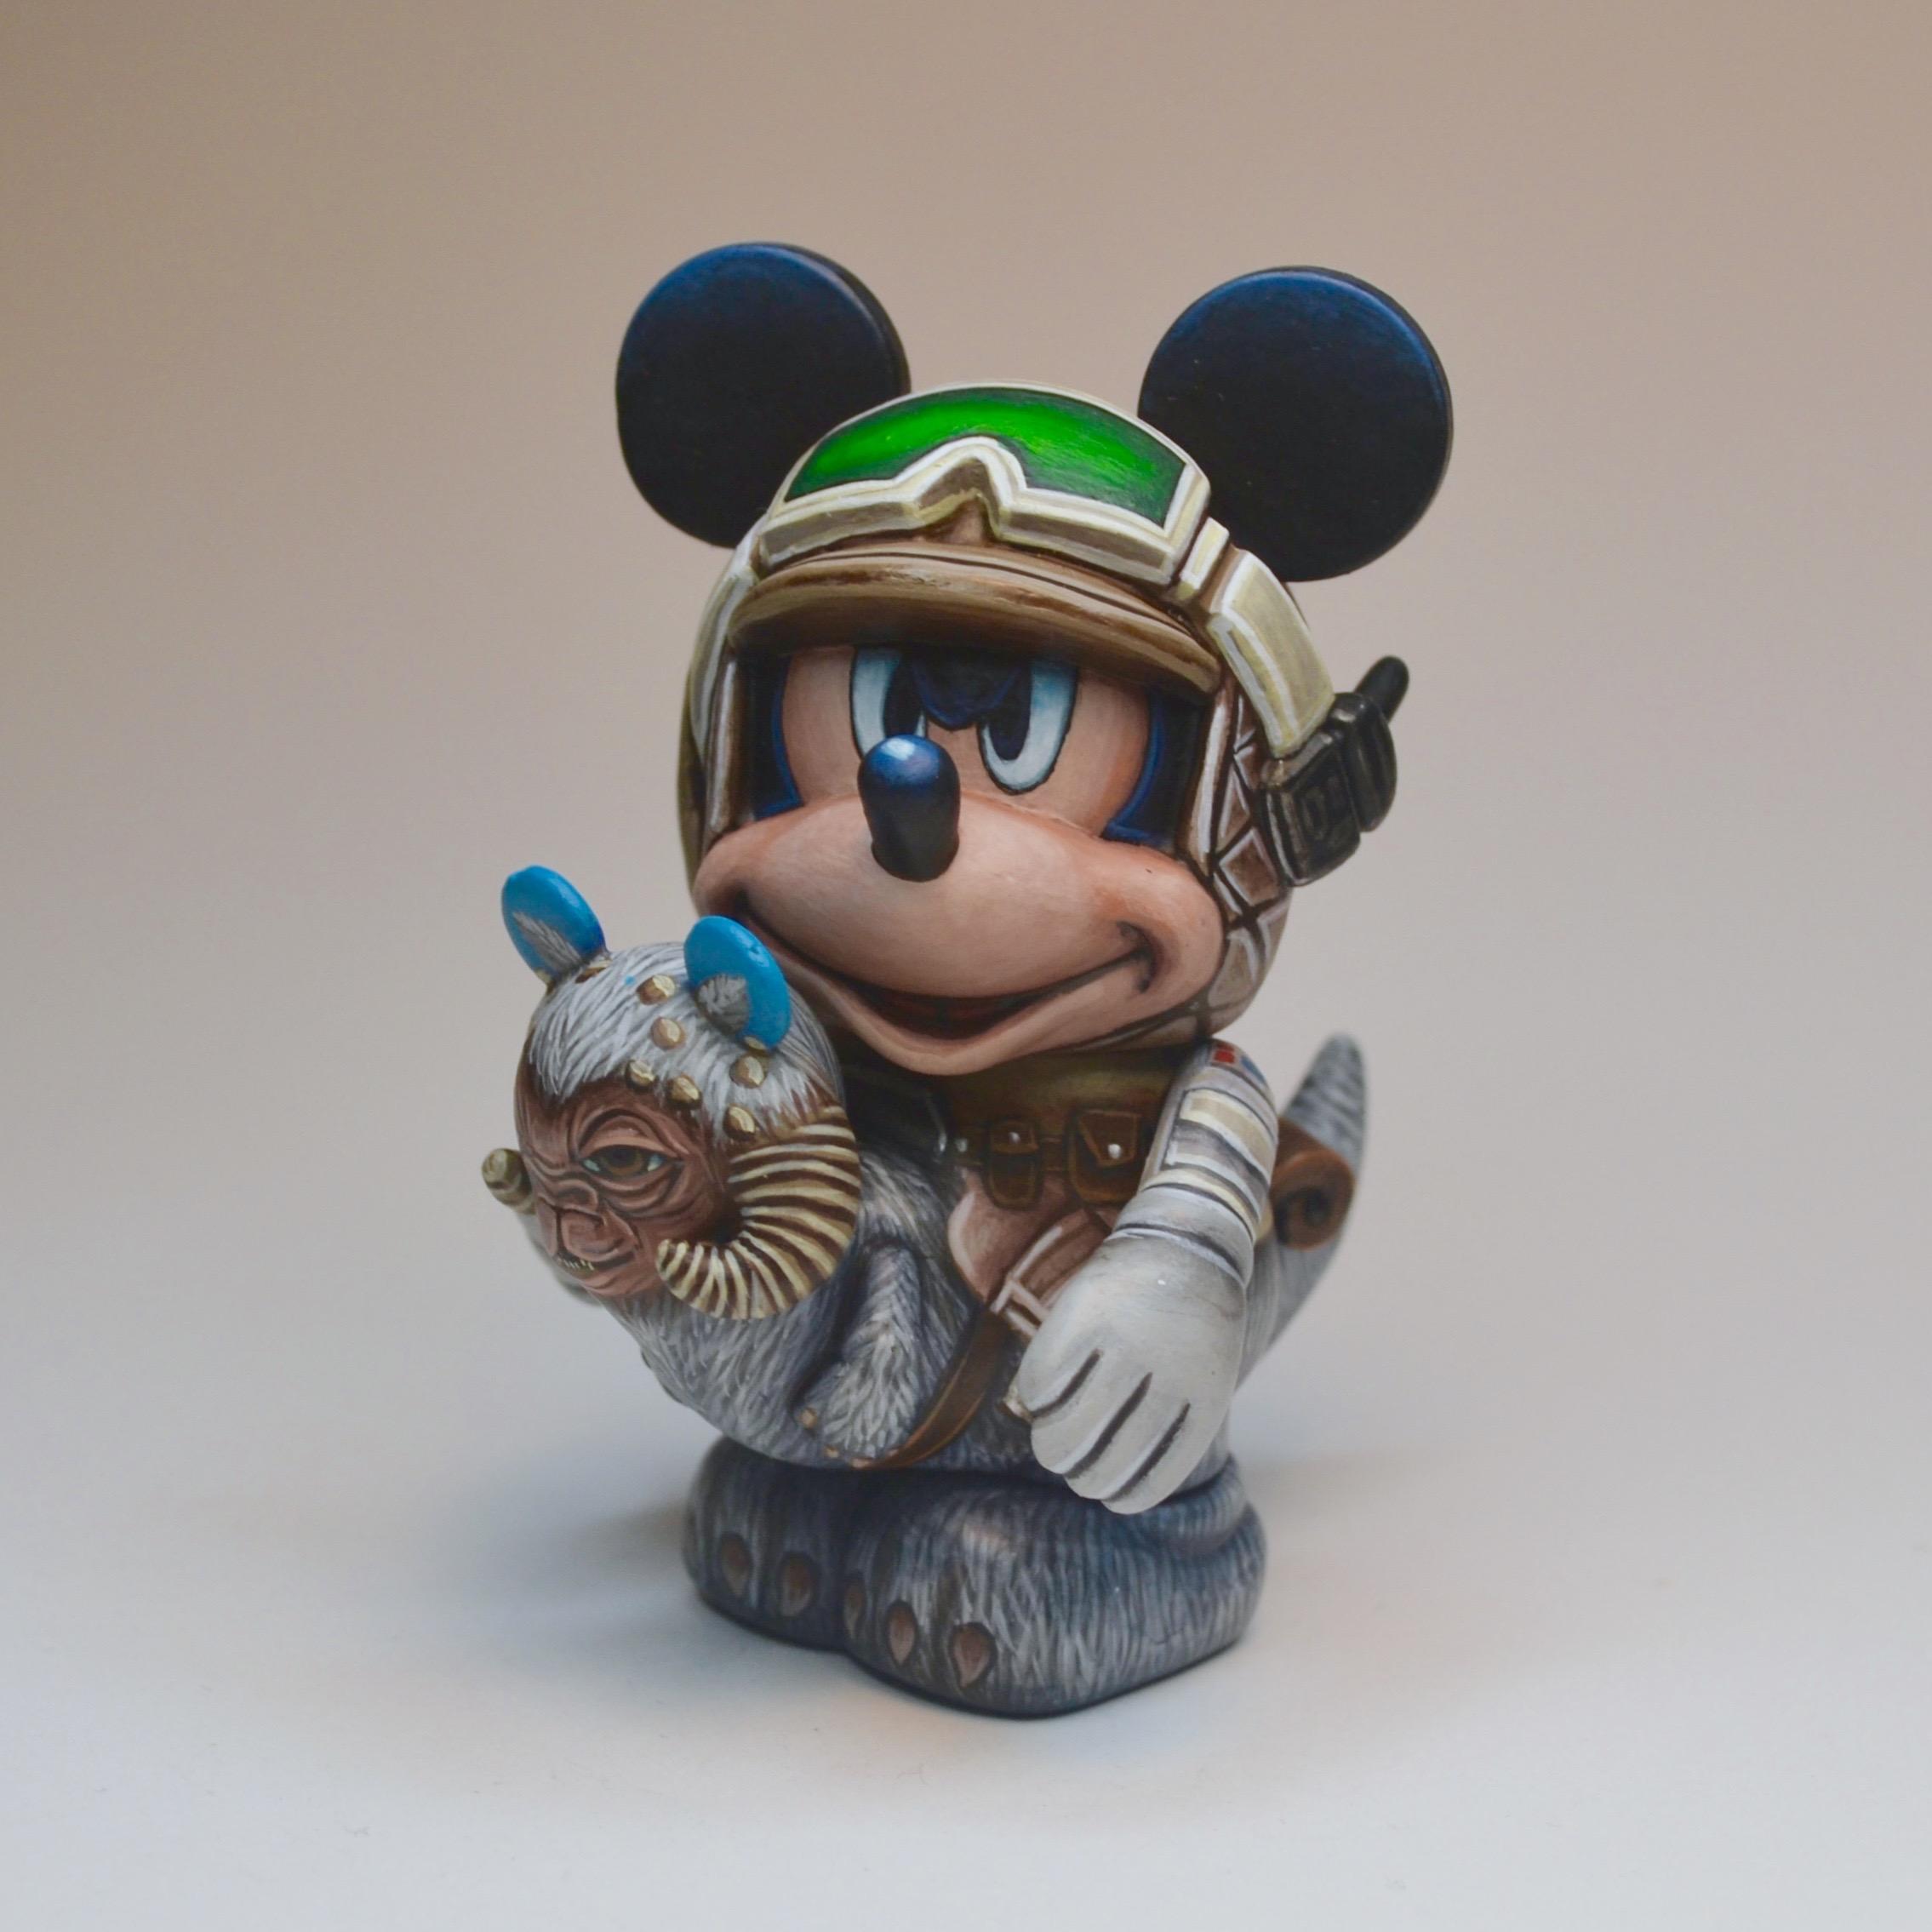 Hoth Mickey